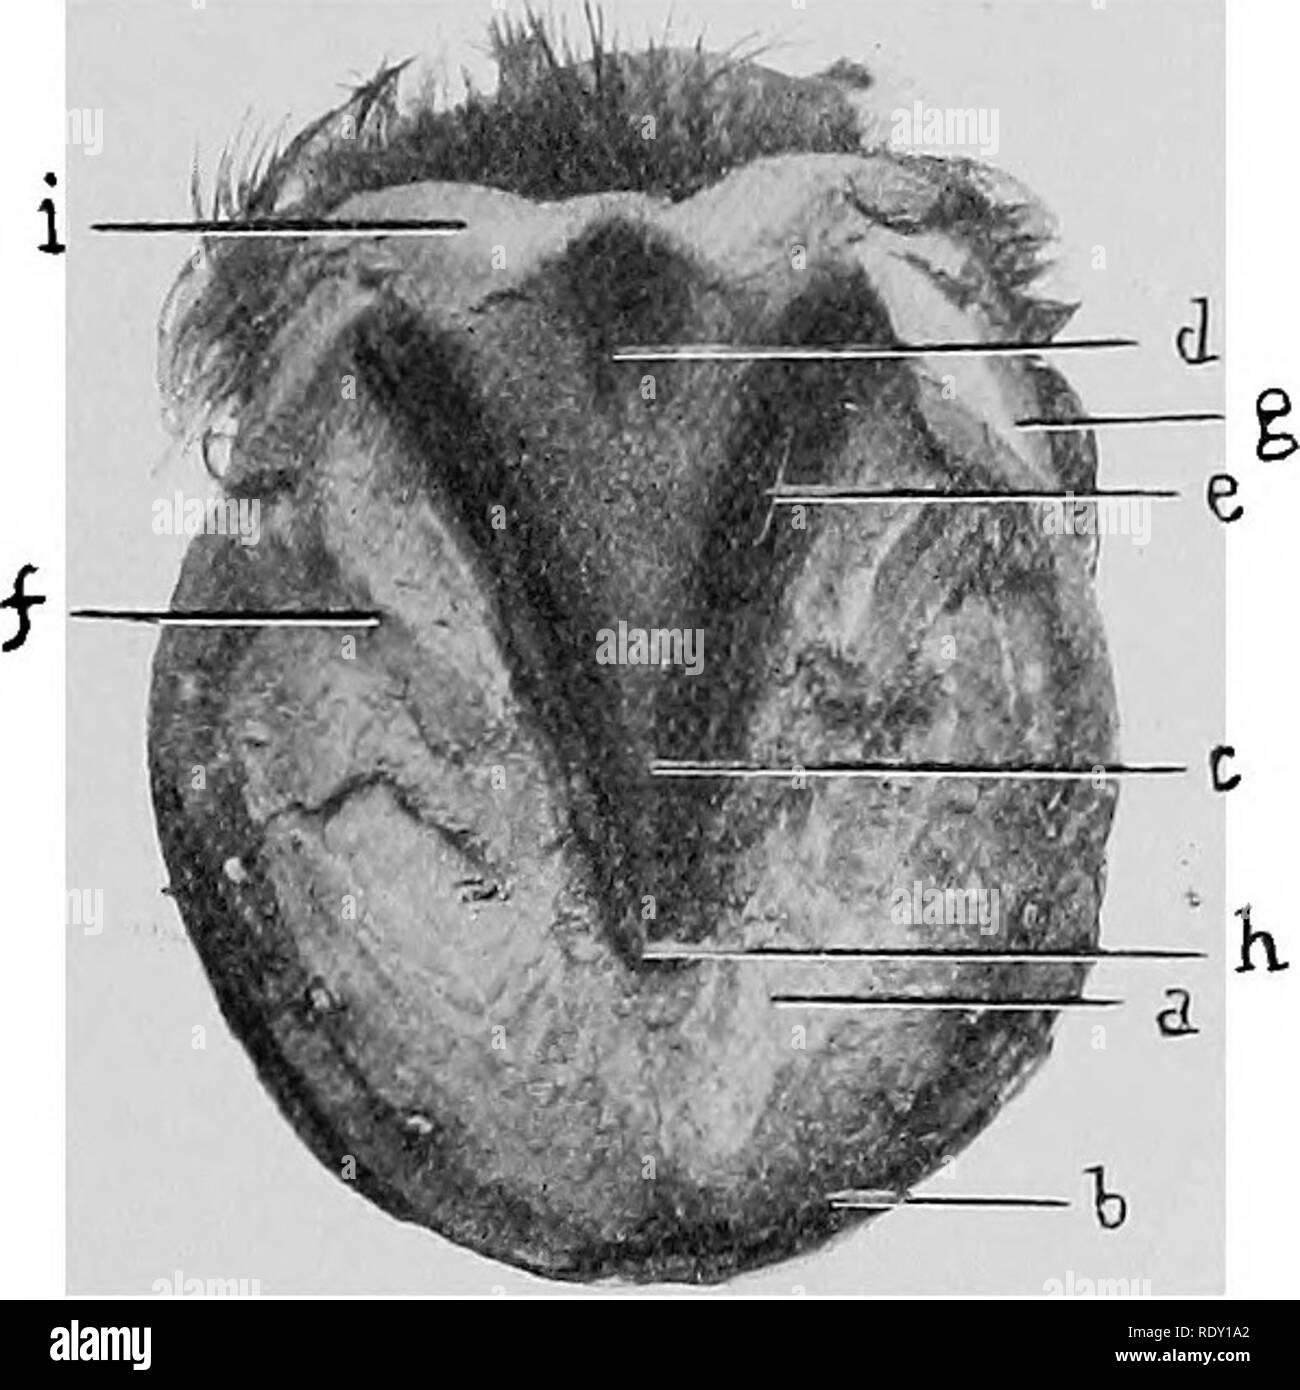 . Les maladies du pied du cheval . Sabots; chevaux. EEGIONAL 41 ANATOMIE-toe sera vu une petite crête en forme de un, qui est une continuation directe de la même importance en forme avant mentionné sur la face interne du mur. Ce Fleming a qualifié la toe-séjour, à partir d'une idée qu'elle sert à maintenir la position de l'os pedis. L'ensemble de la face supérieure de la semelle est couverte de nombreuses perforations fines qui reçoivent les papilles sensibles de la sole. La face inférieure est concave, plus ou moins selon les circonstances, sa partie la plus profonde d'être au point de la grenouille. À partir de la pente thi Photo Stock